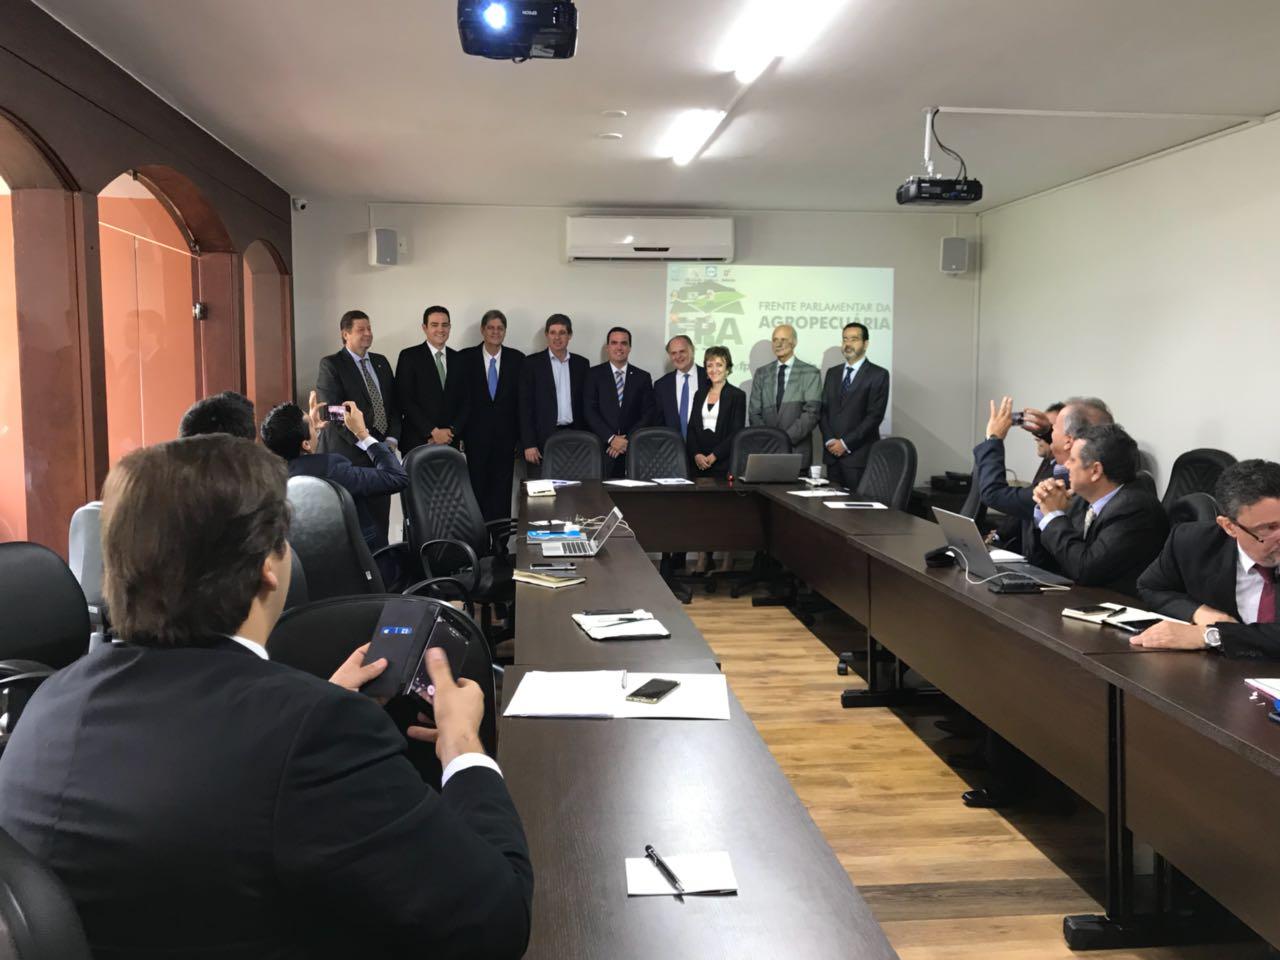 Renato Cunha, Presidente do SINDAÇÚCAR/PE, participando de reunião da frente parlamentar agropecuária, homenageando o relator do RENOVABIO na Câmara, Deputado João Fernando Coutinho, em Brasília, dia 10/abril/2018